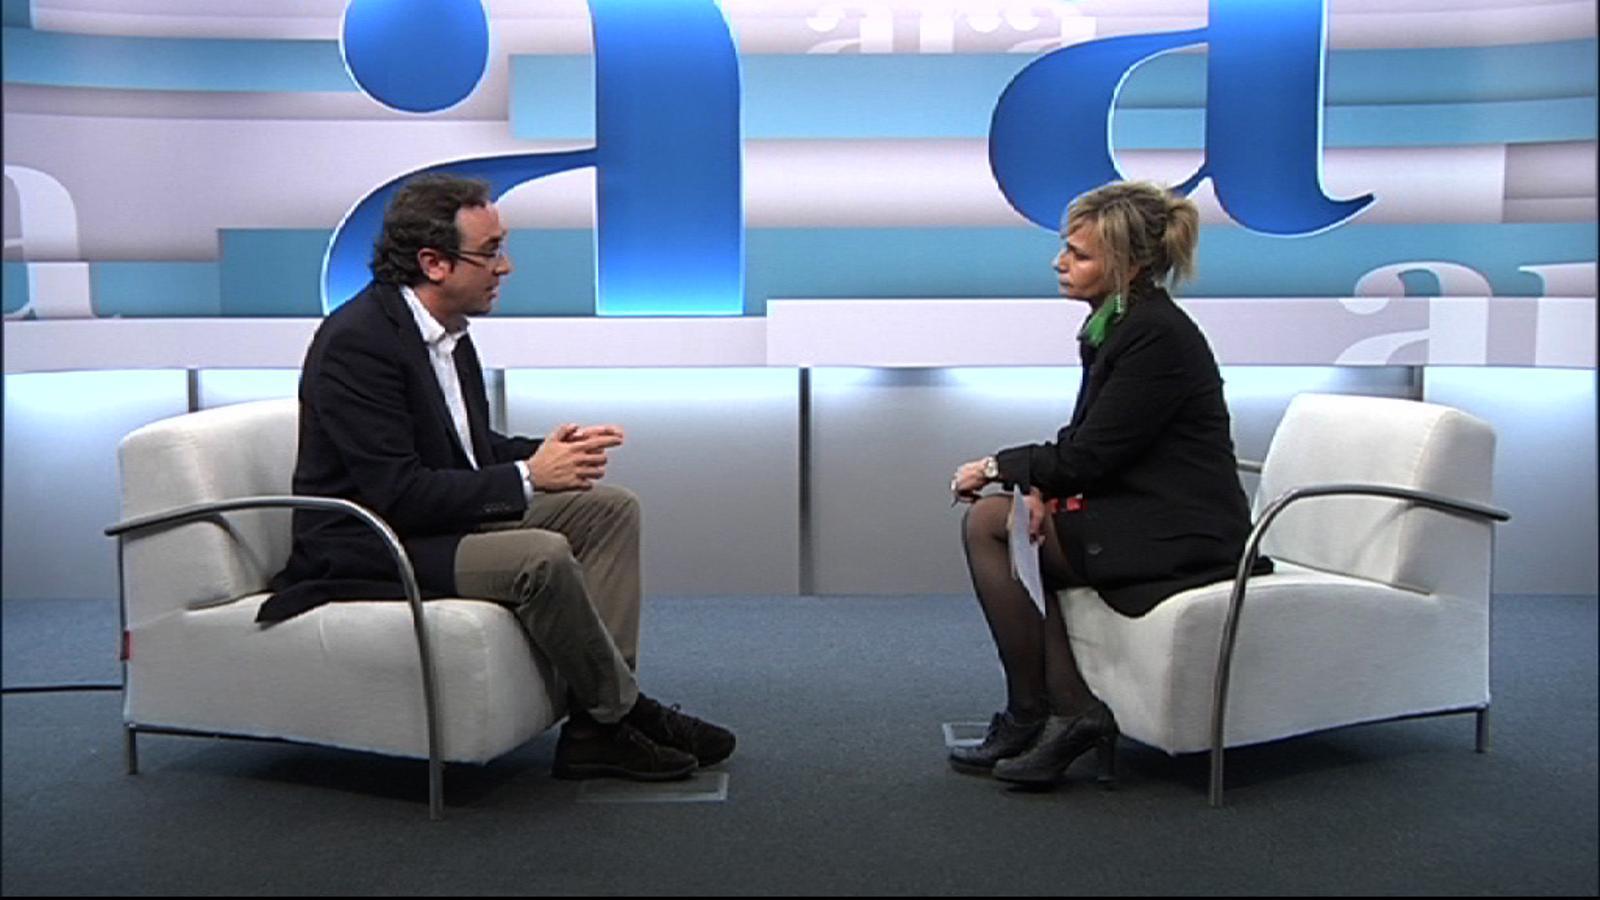 Josep Rull: La independència no és qüestió de romanticisme, sinó de responsabilitat